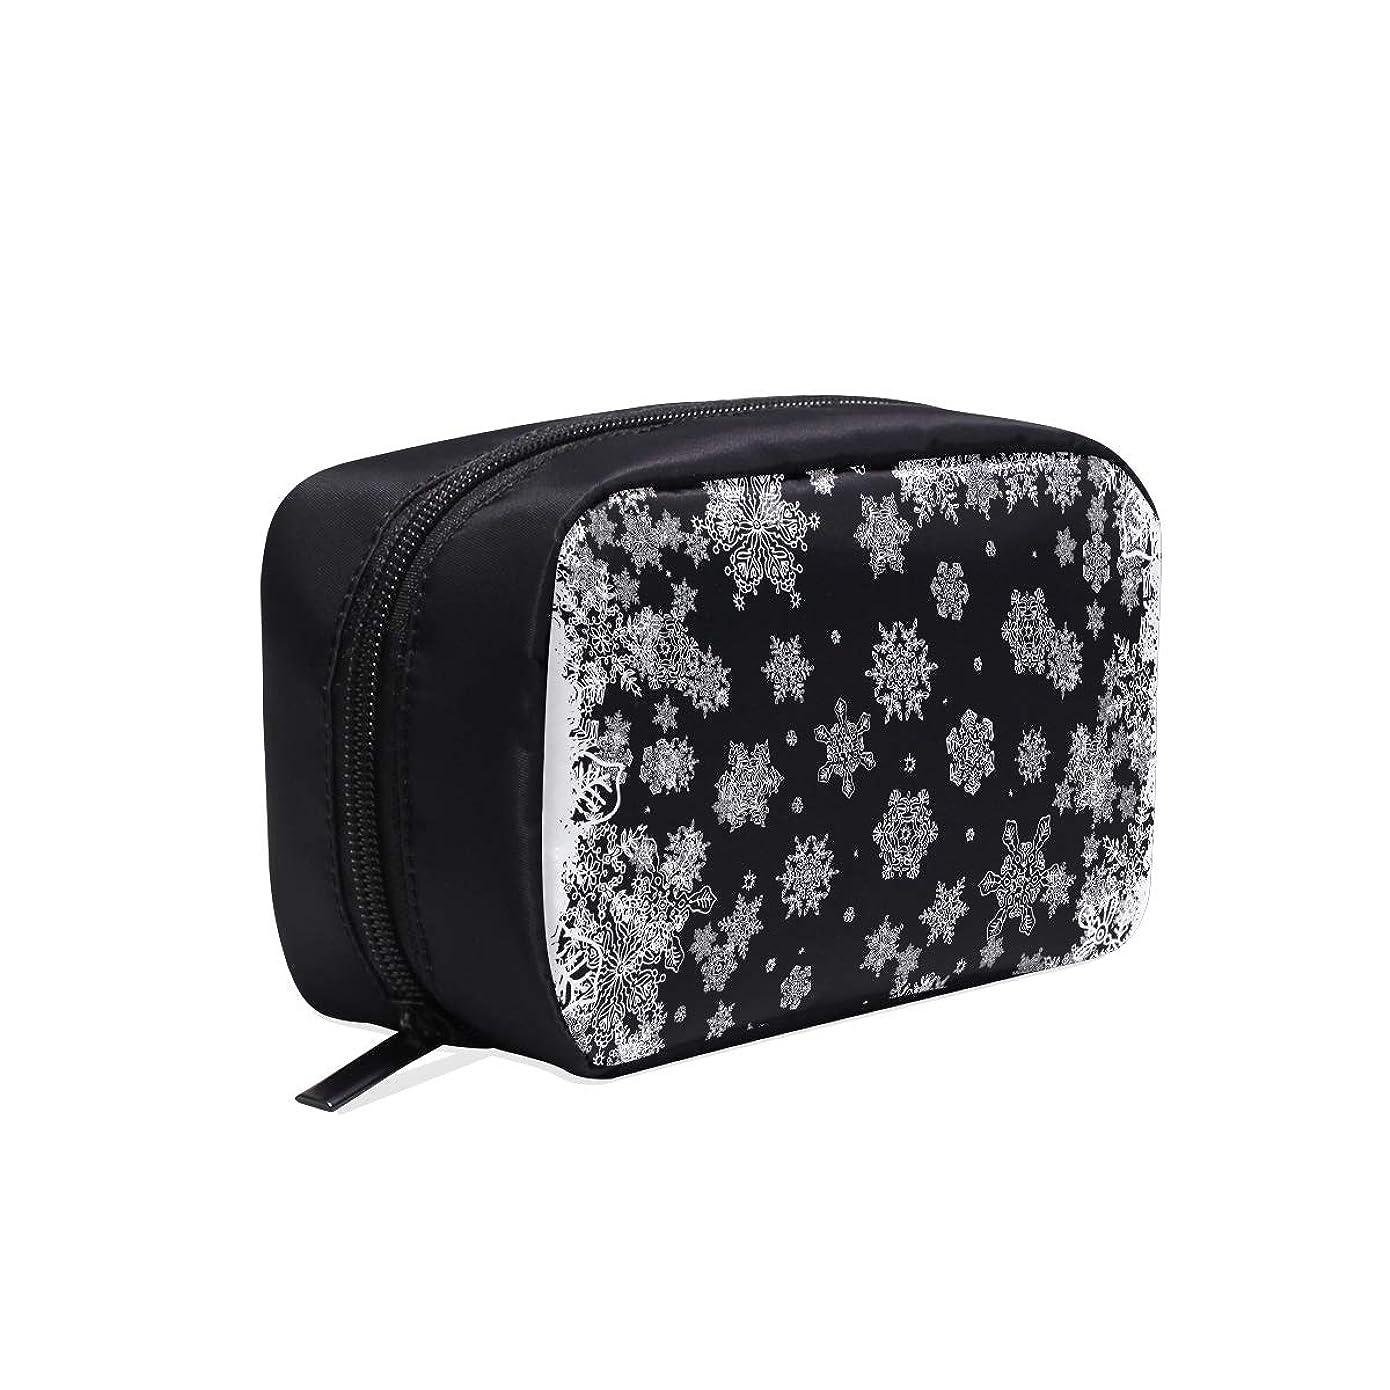 失業者天使だますGGSXD メイクポーチ 雪の花 ボックス コスメ収納 化粧品収納ケース 大容量 収納 化粧品入れ 化粧バッグ 旅行用 メイクブラシバッグ 化粧箱 持ち運び便利 プロ用